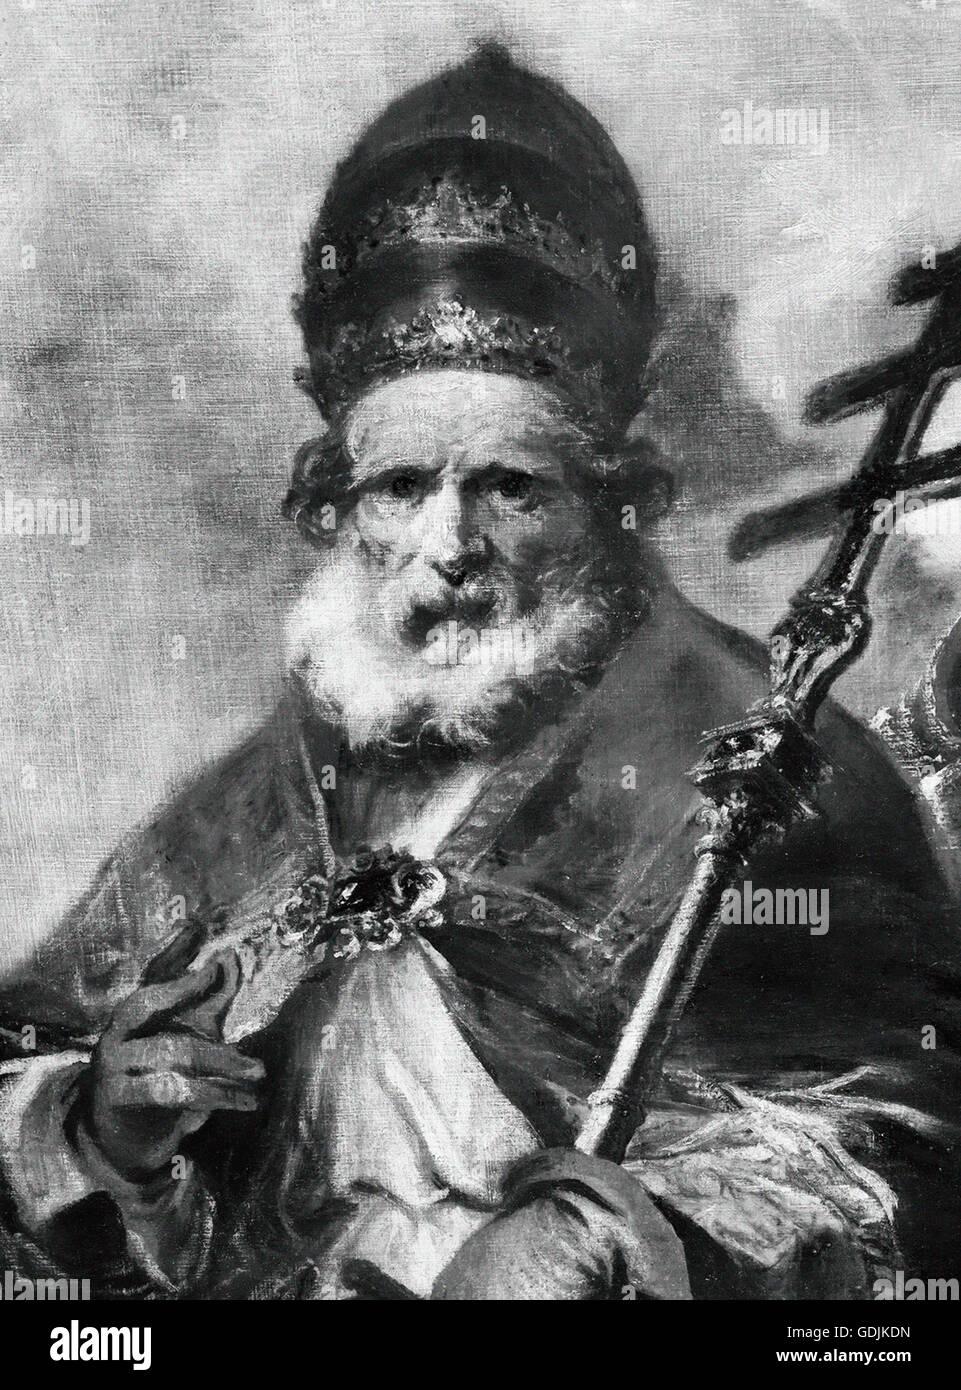 Papst Leo war ich (ca. 400-461), auch bekannt als Saint Leo der große, Papst von 440 bis zu seinem Tod in 461. Stockbild